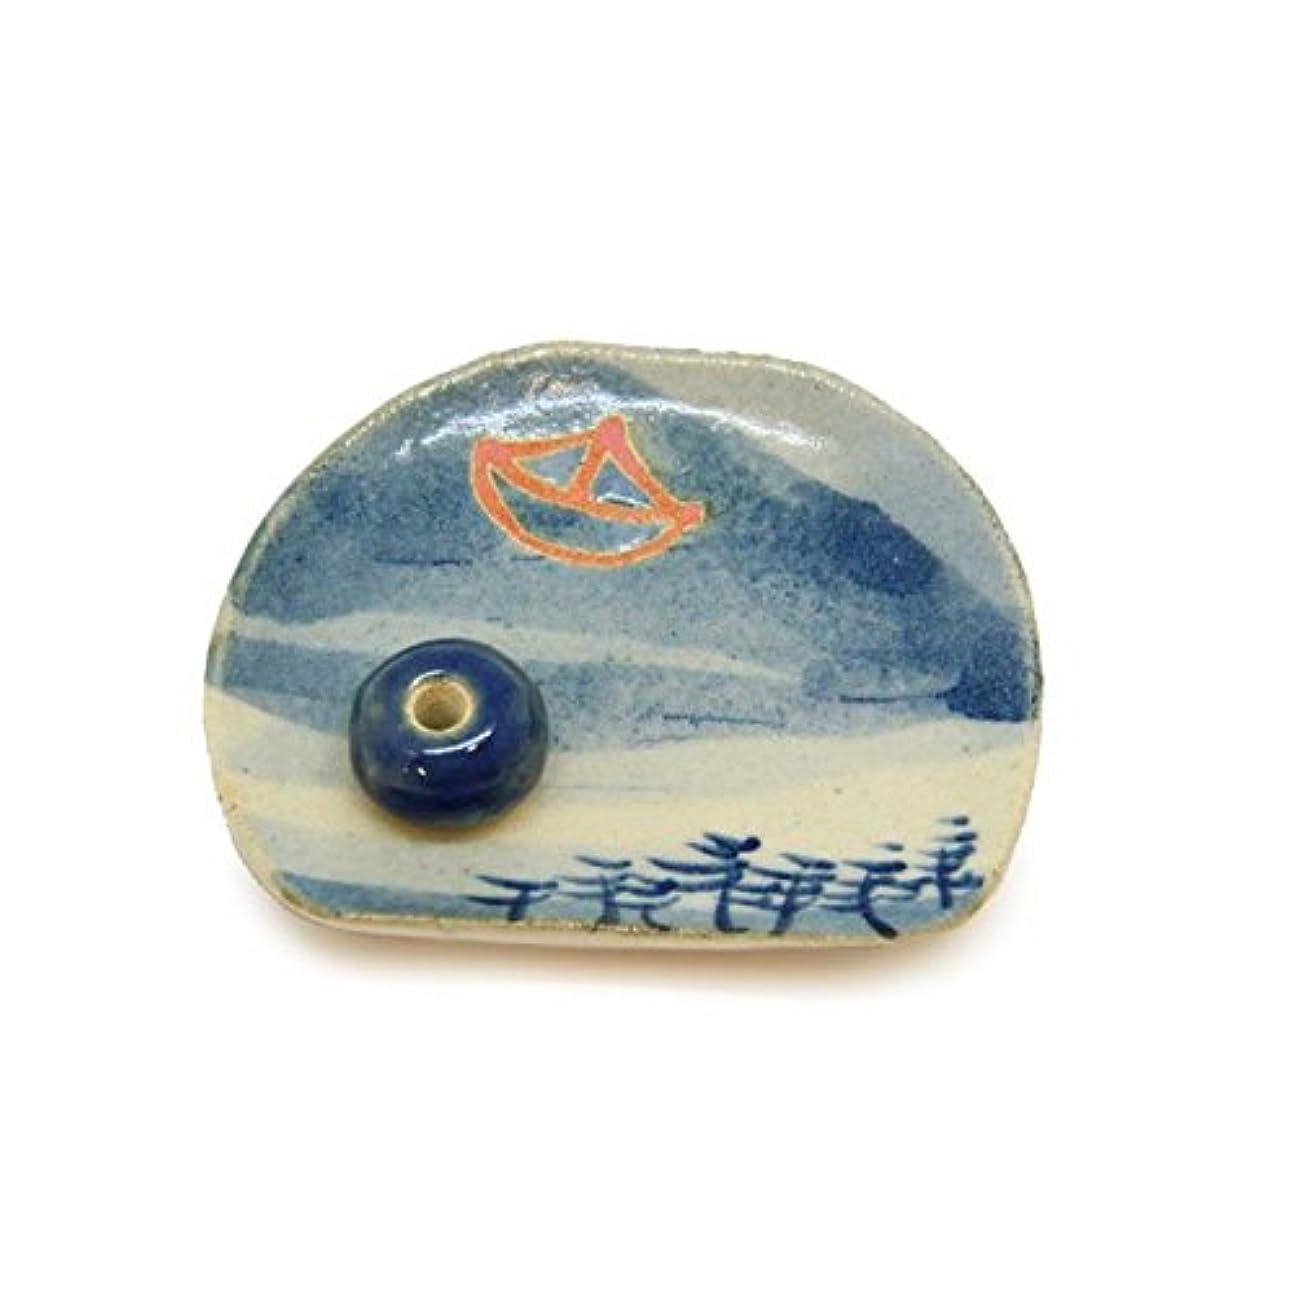 影響を受けやすいですキャベツフローティング香皿 京の風物詩 夏 「舟」